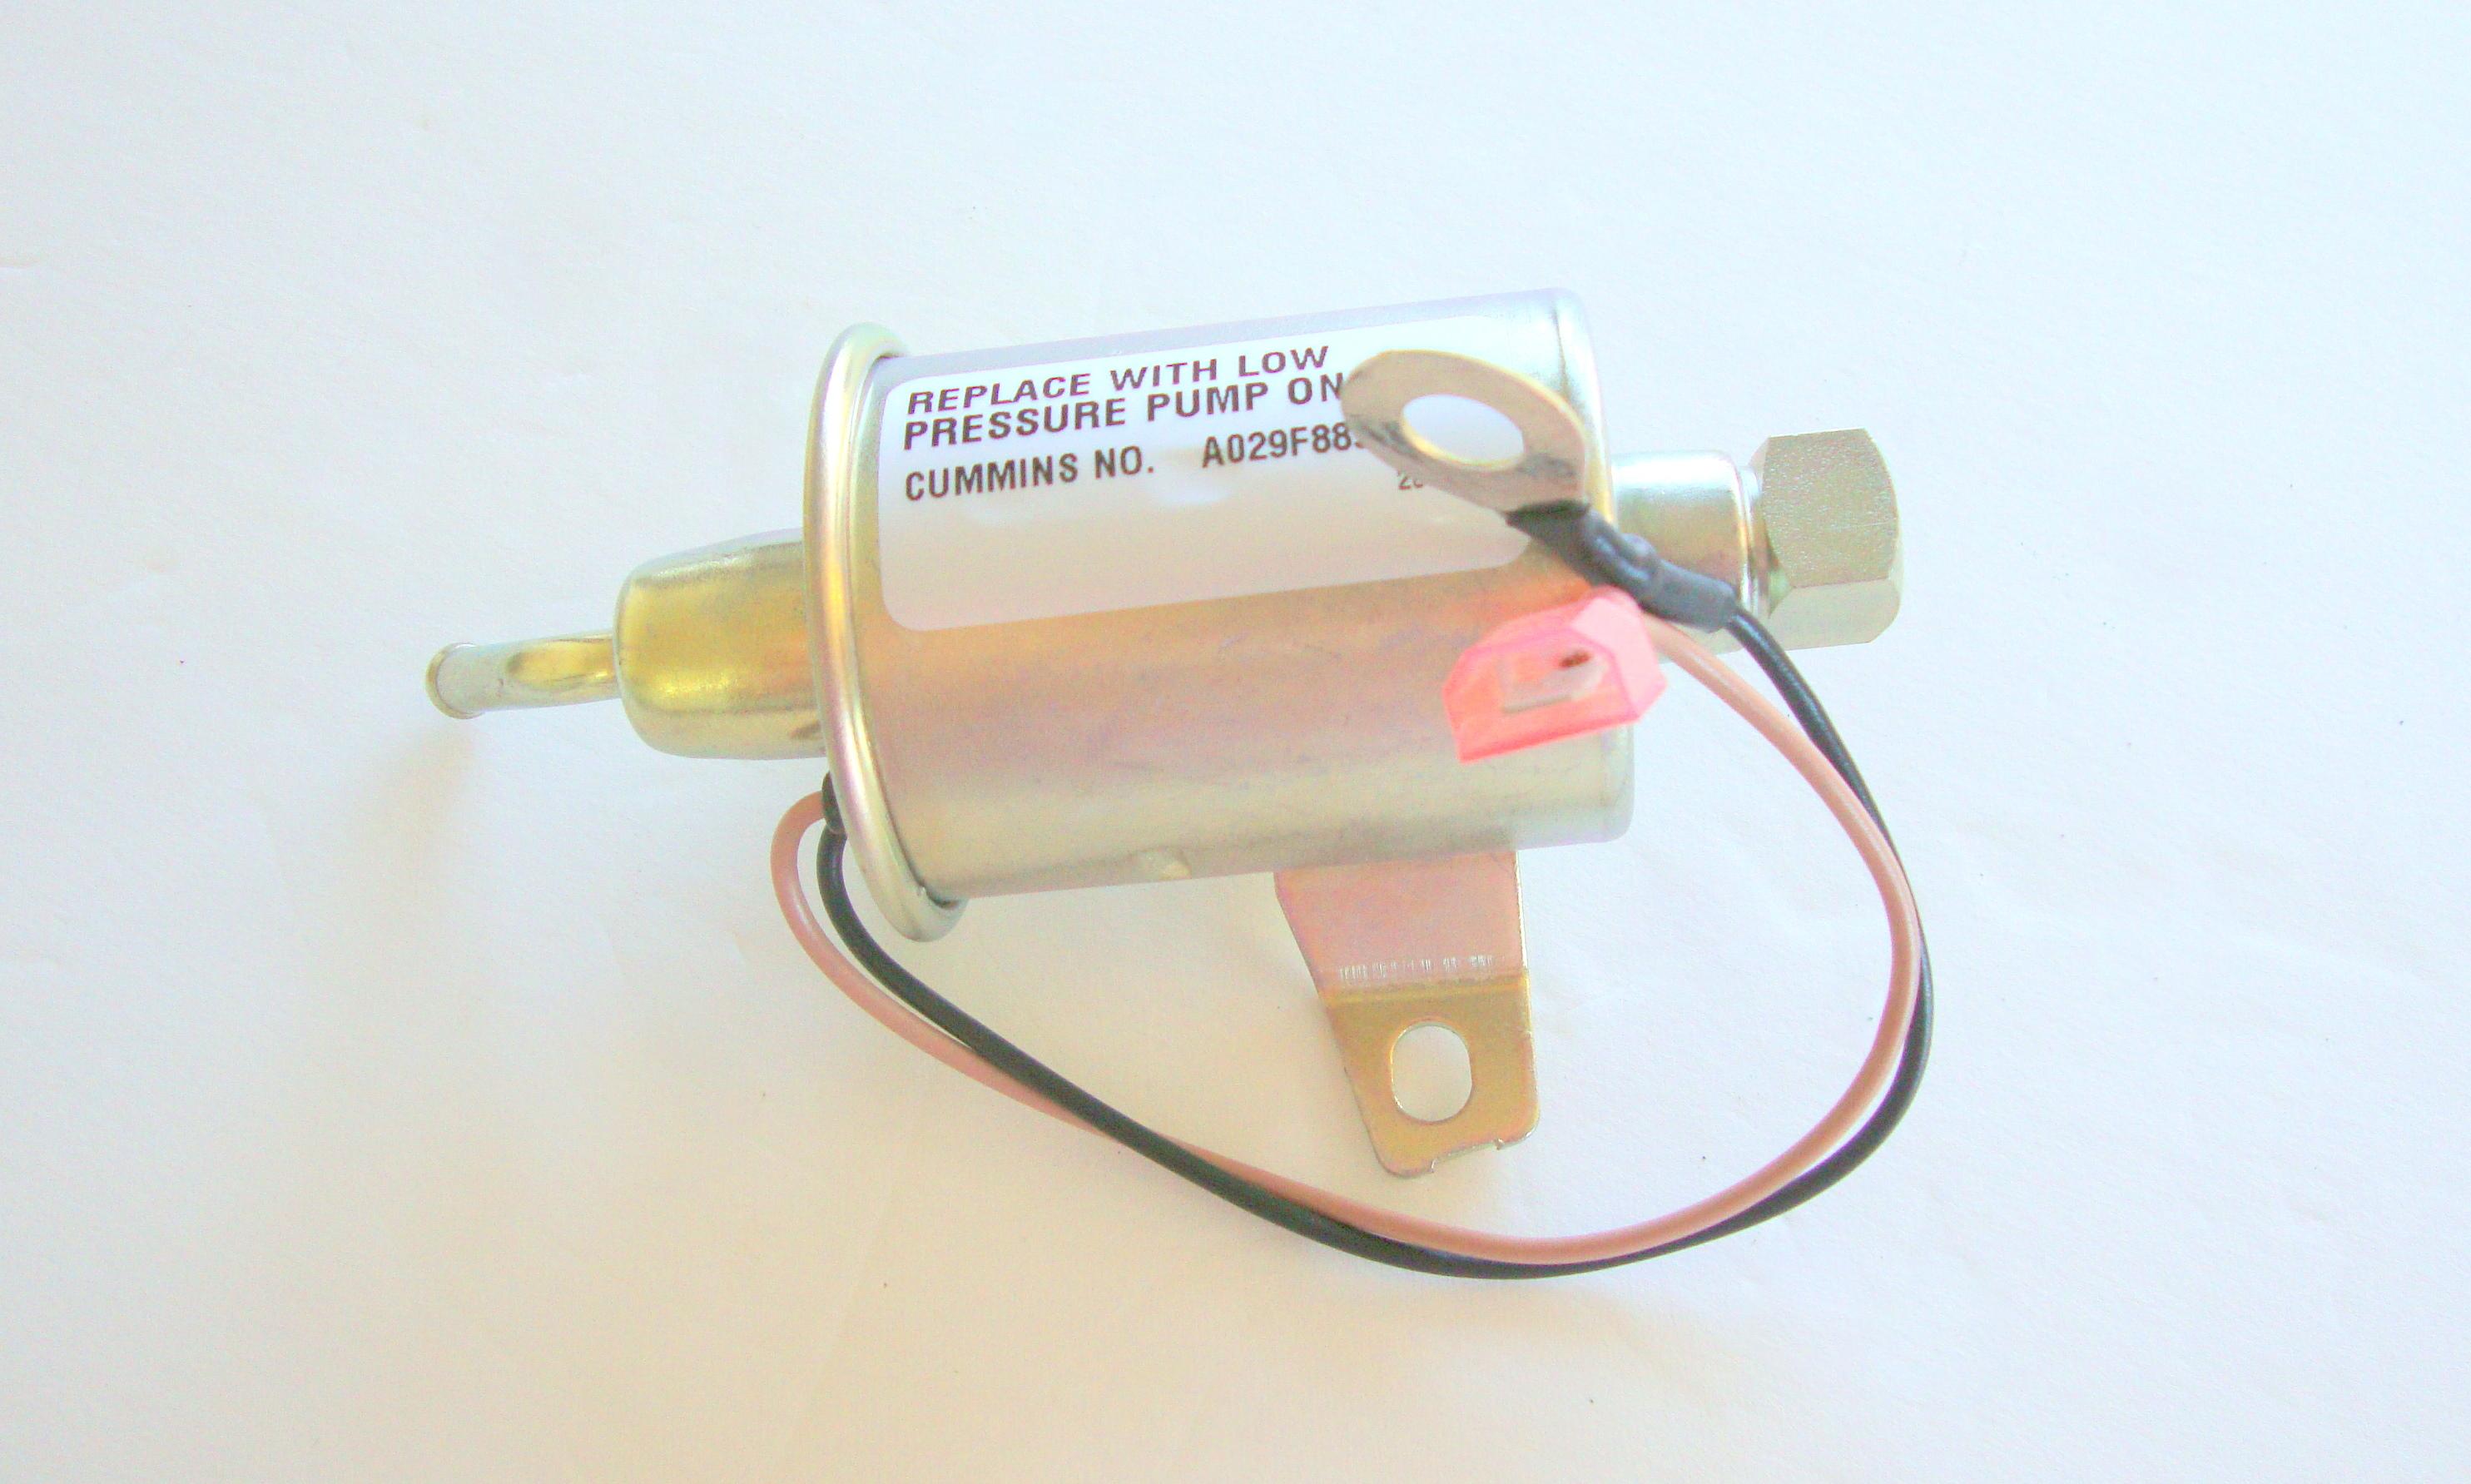 NEW Onan A029F889 Generator Fuel Pump Replaces CUMMINS 149-2311-02